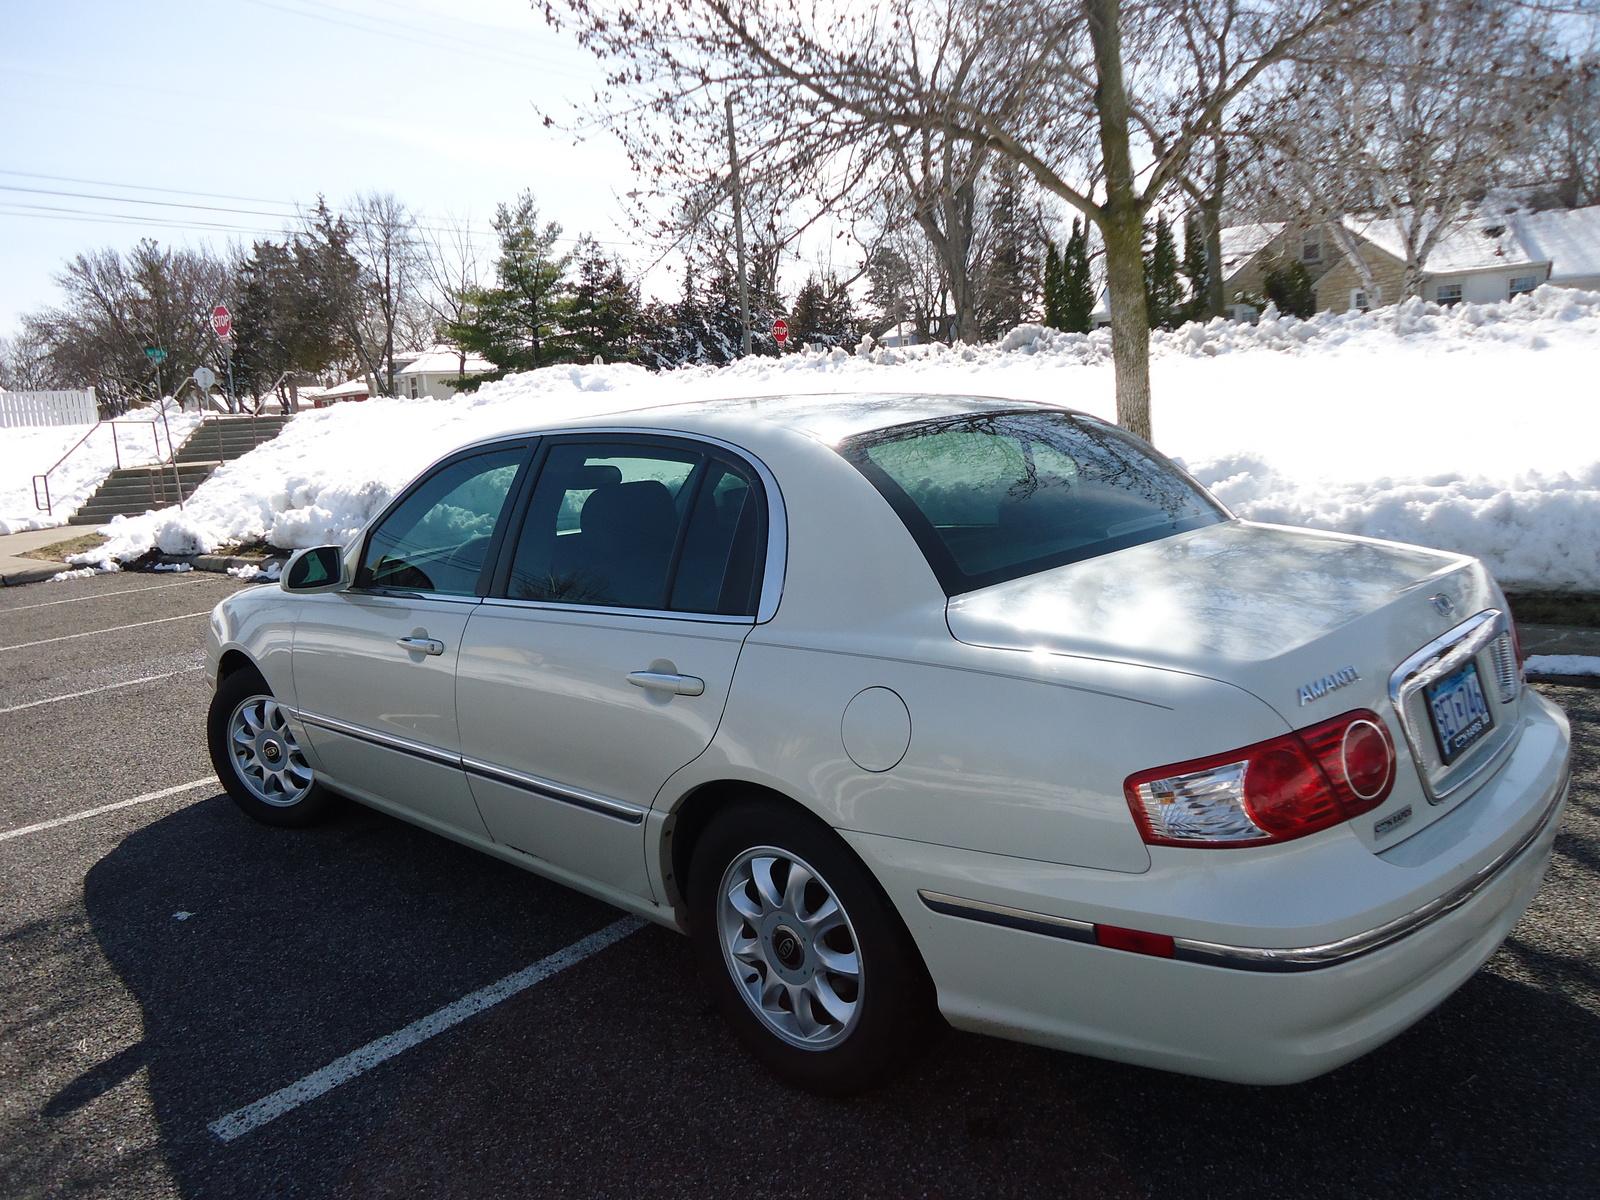 Picture of 2005 kia amanti std exterior